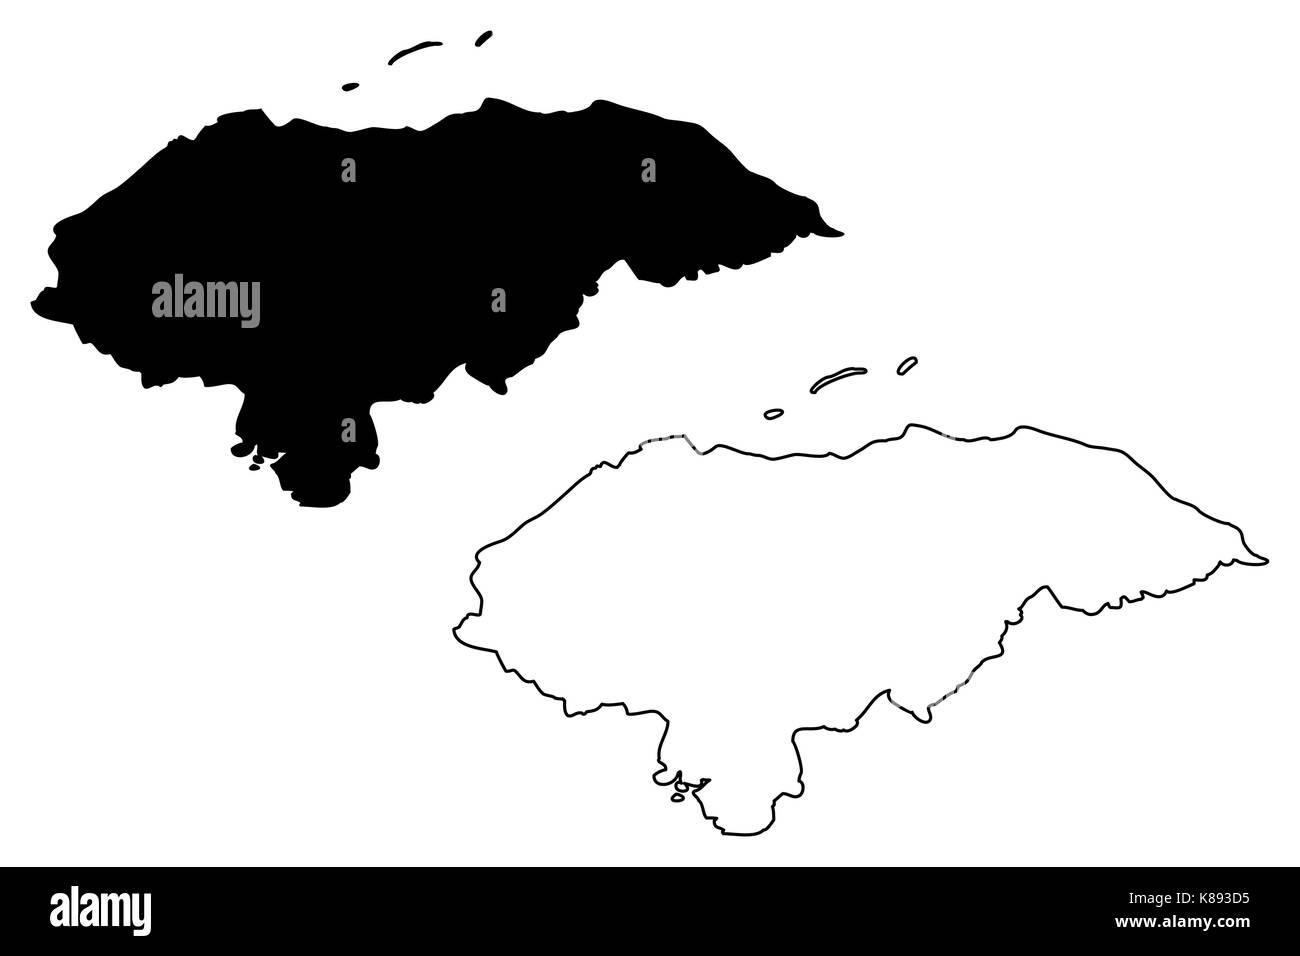 Honduras map vector illustration, scribble sketch Honduras Stock Vector